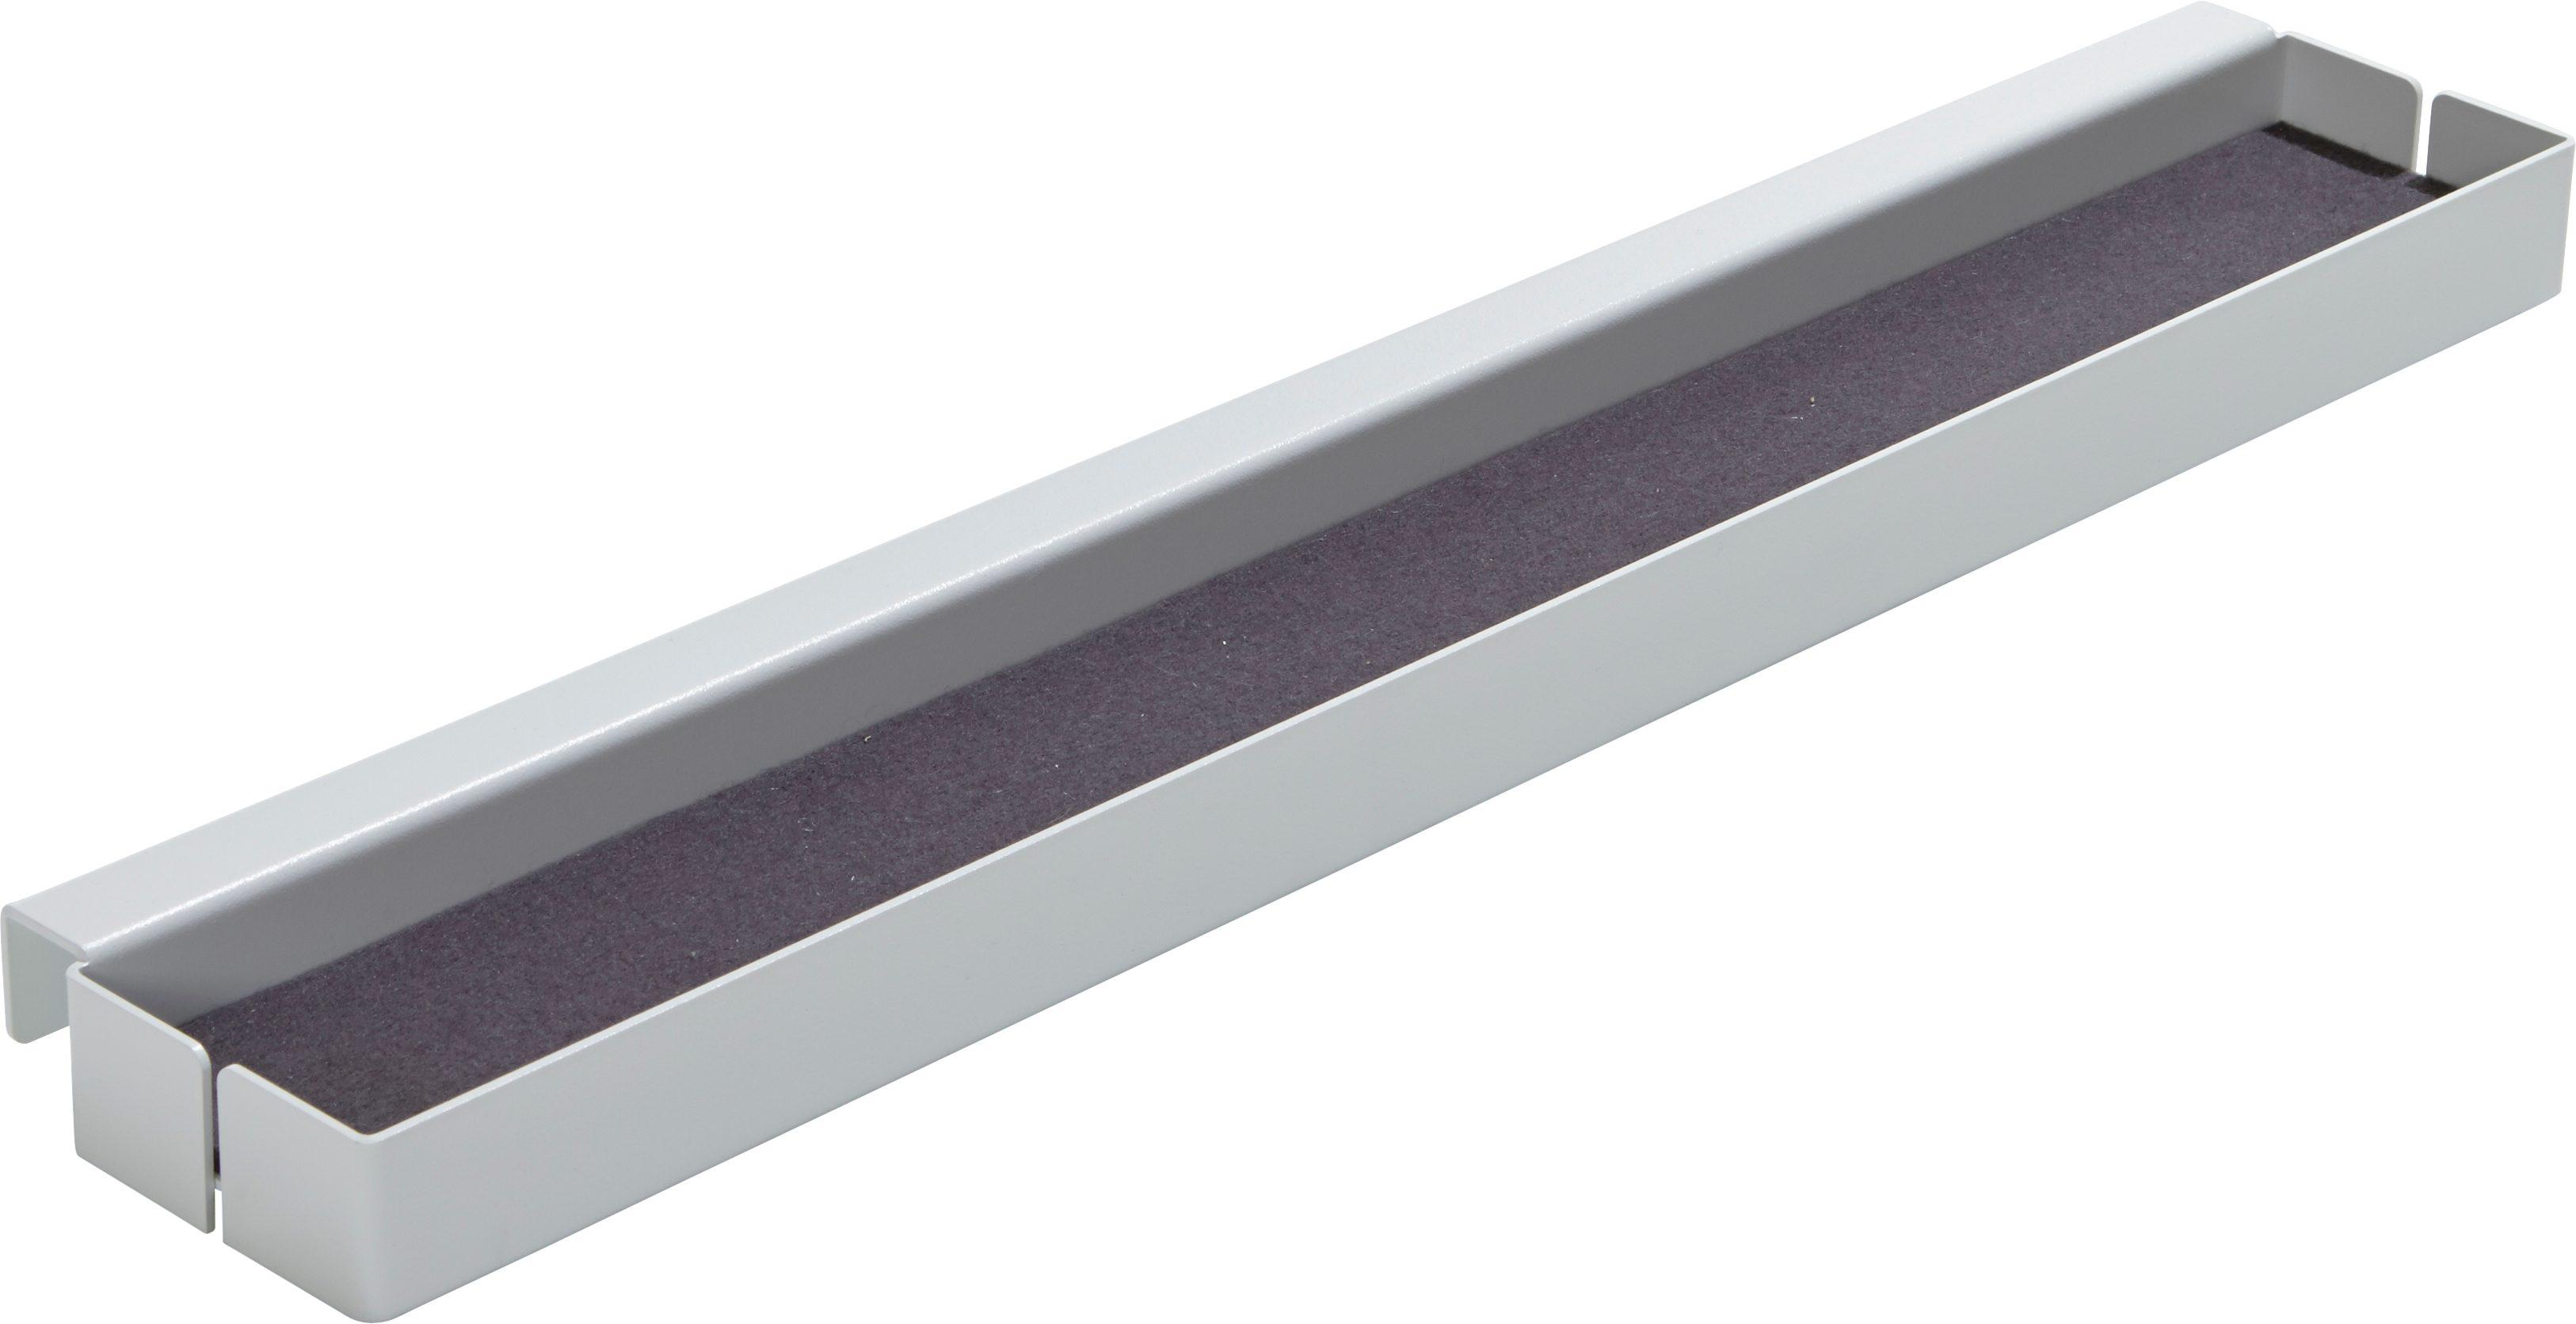 müller möbelwerkstätten® Add-On Element 2, passend für die Betten »FLAI« und »PLANE«